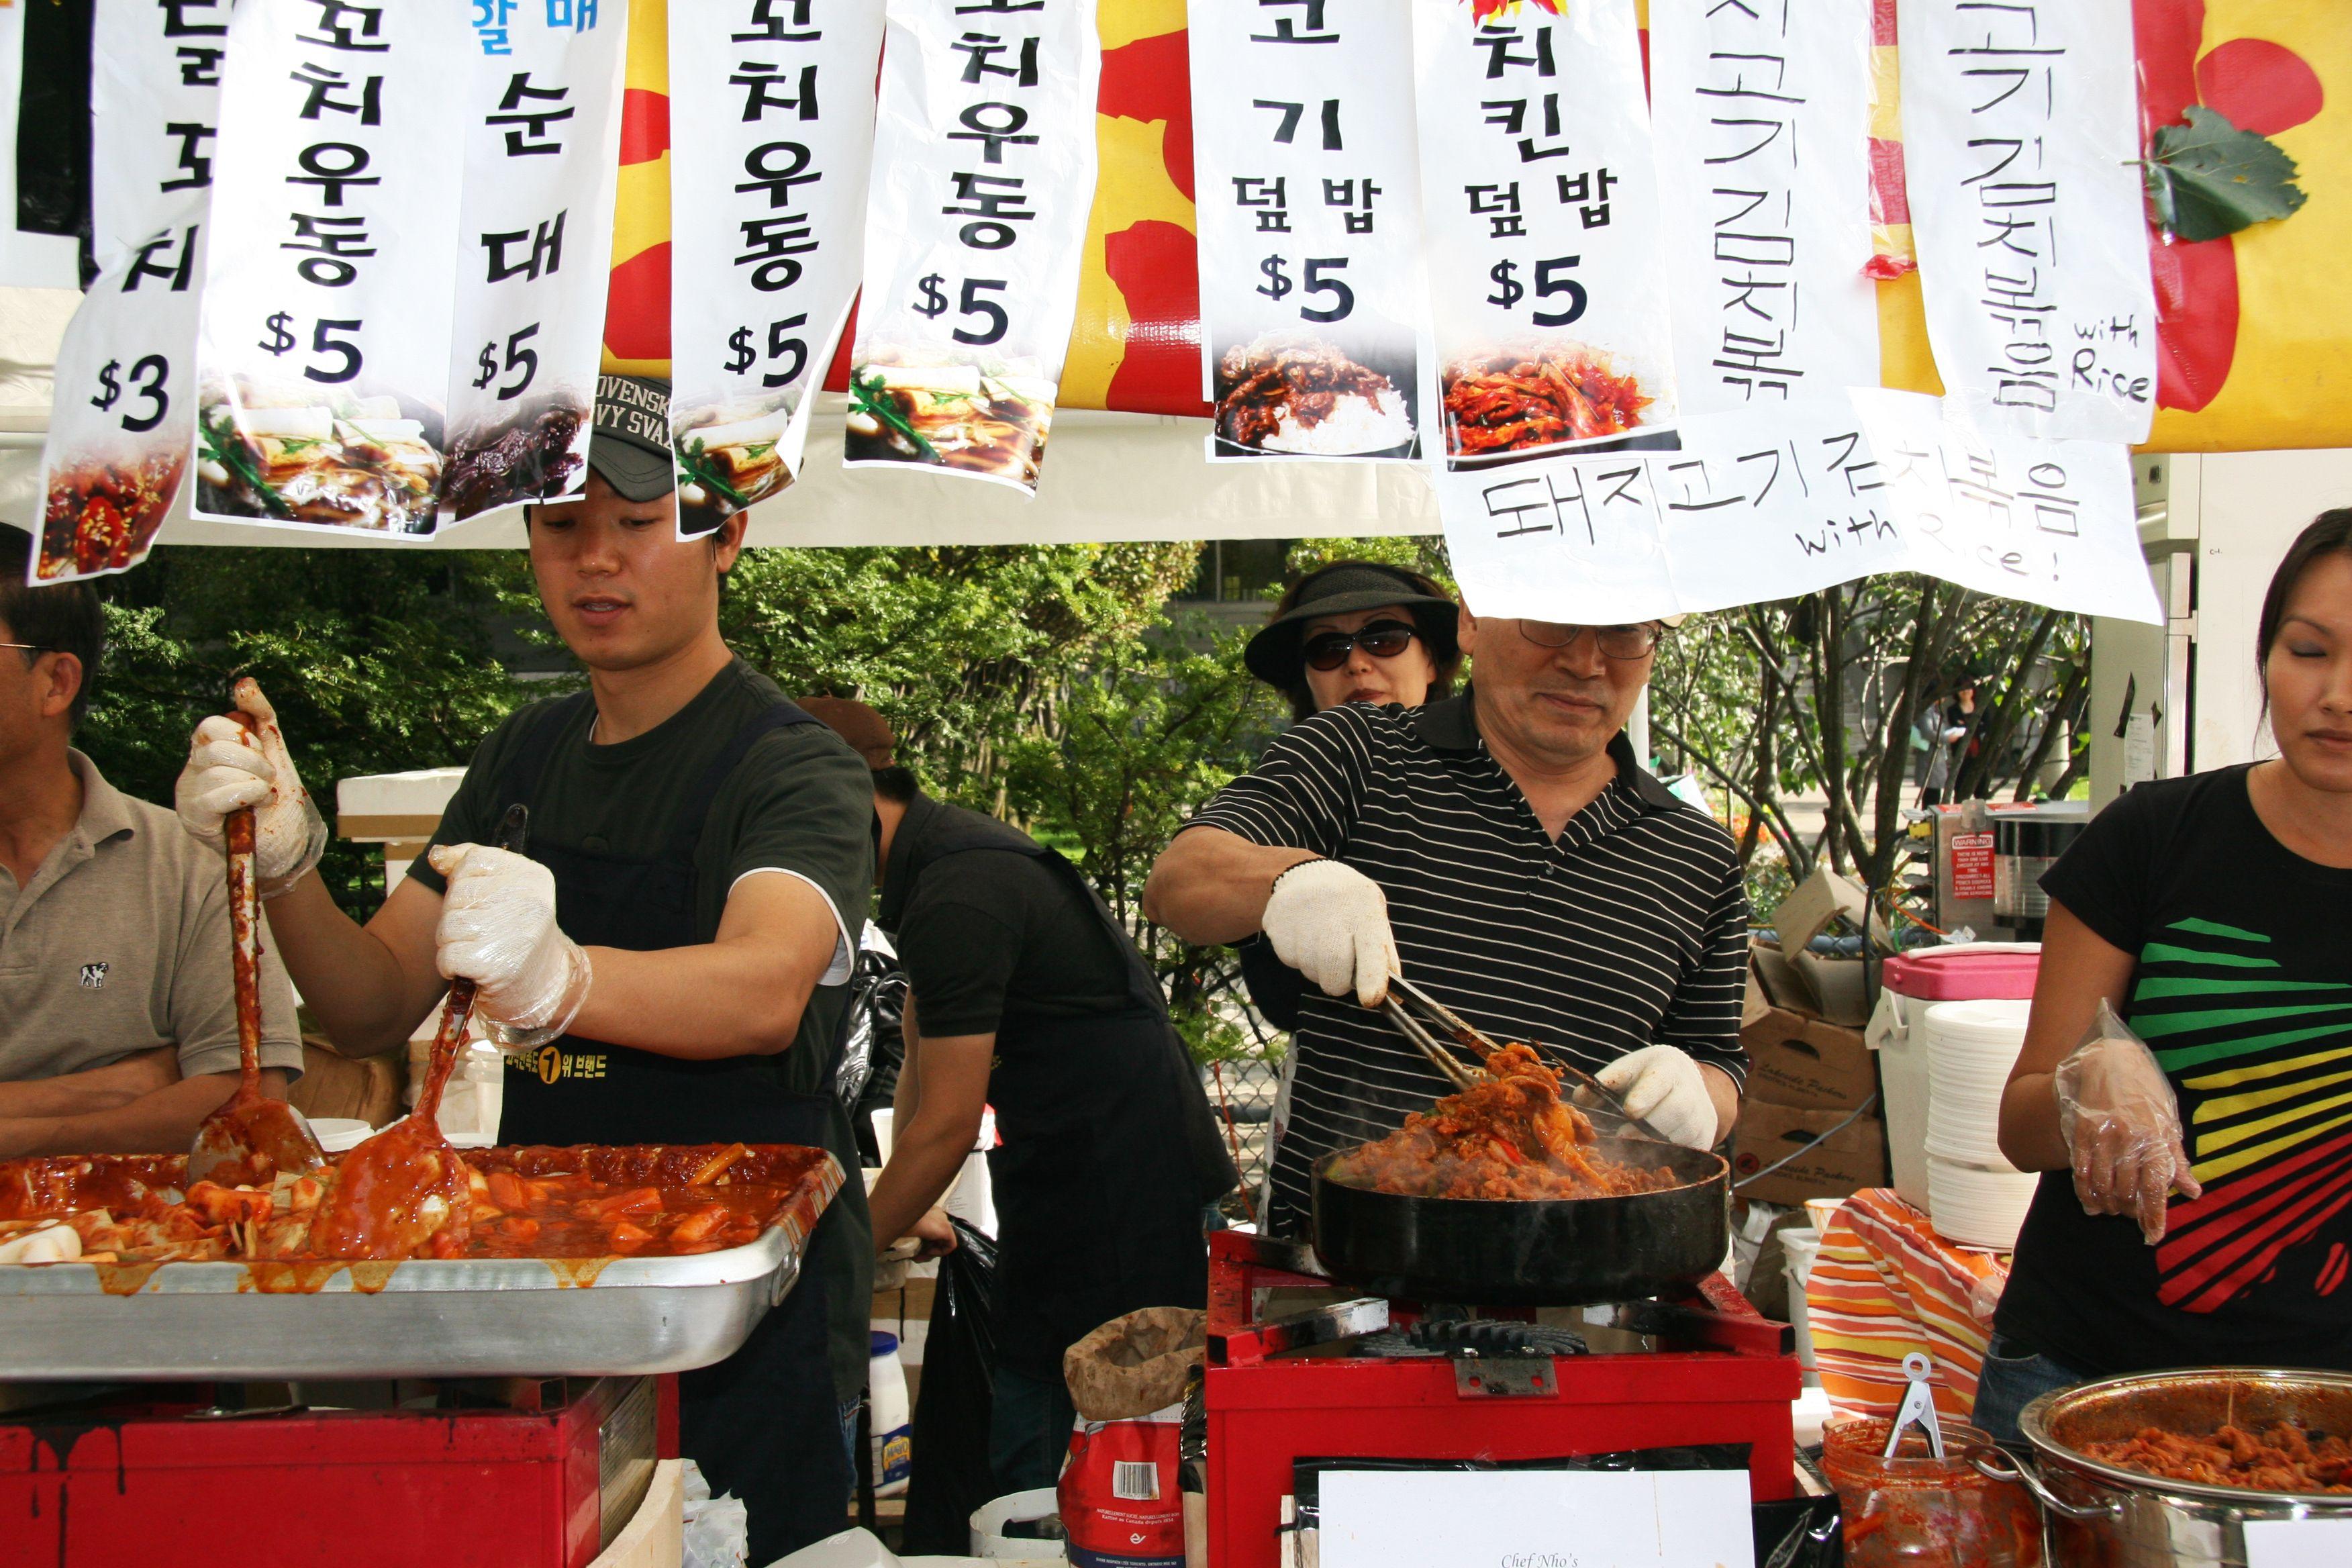 Korean Festival, Toronto Food, Festival, Comidas